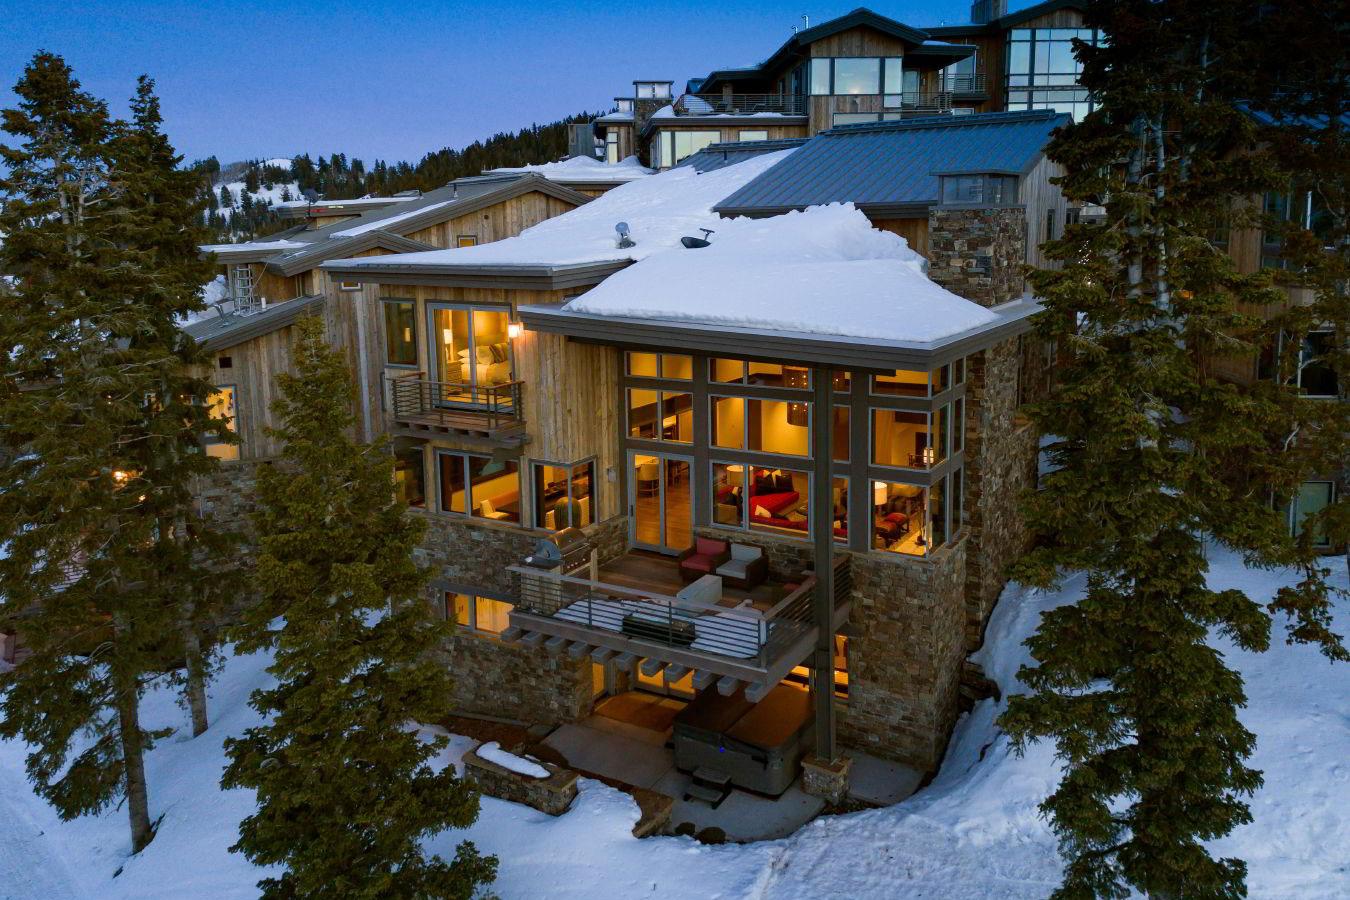 Luxury Deer Valley vacation rental exterior view from ski run at Deer Valley Resort